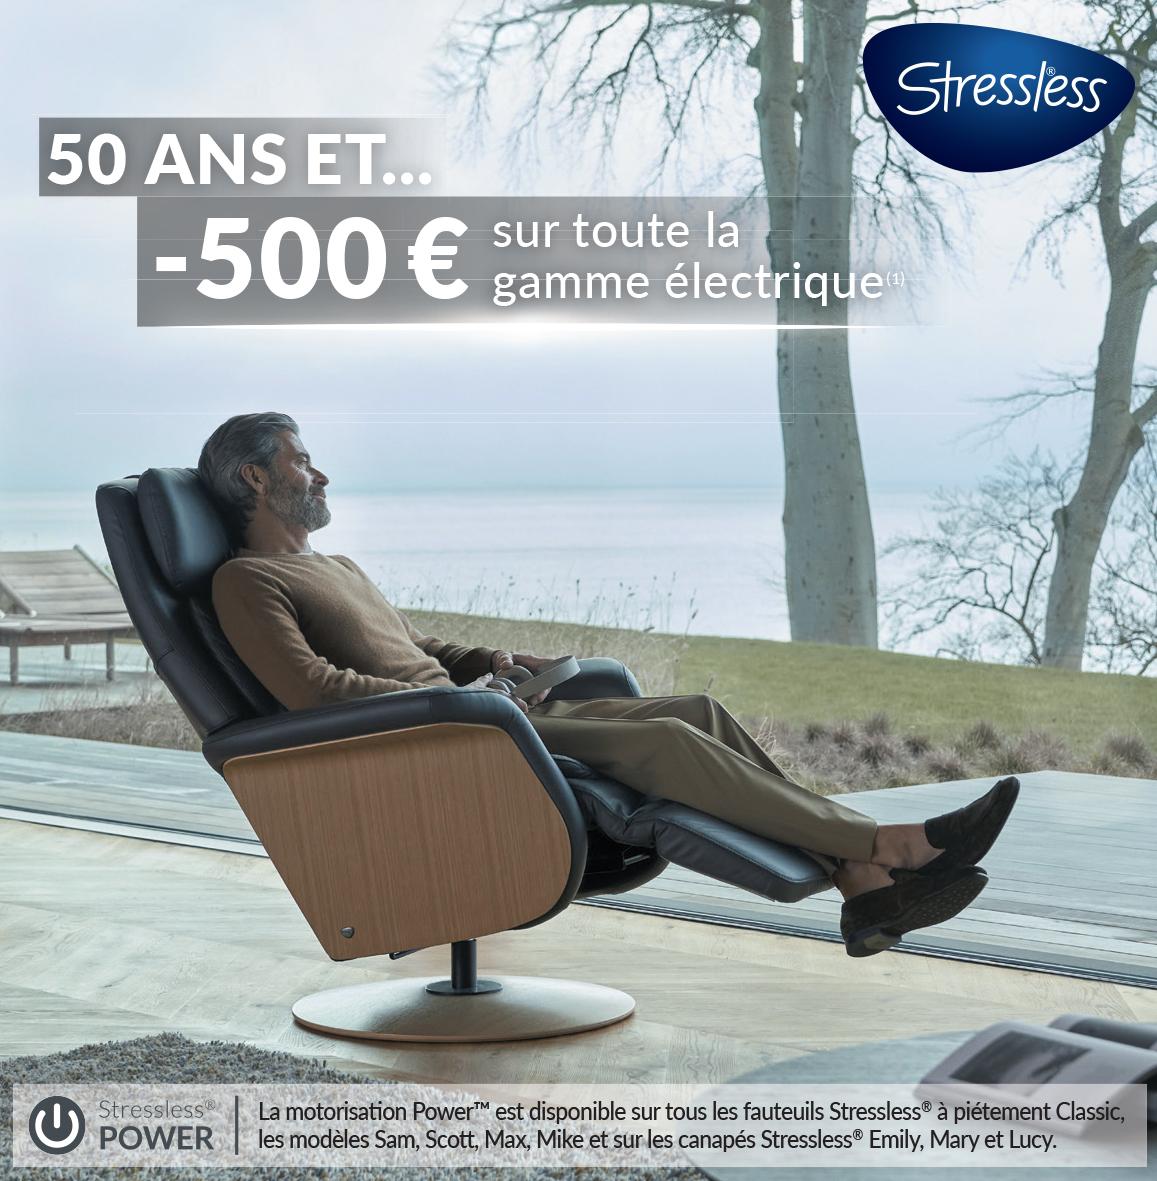 A6-500€_Power-Loc-BEFR.indd